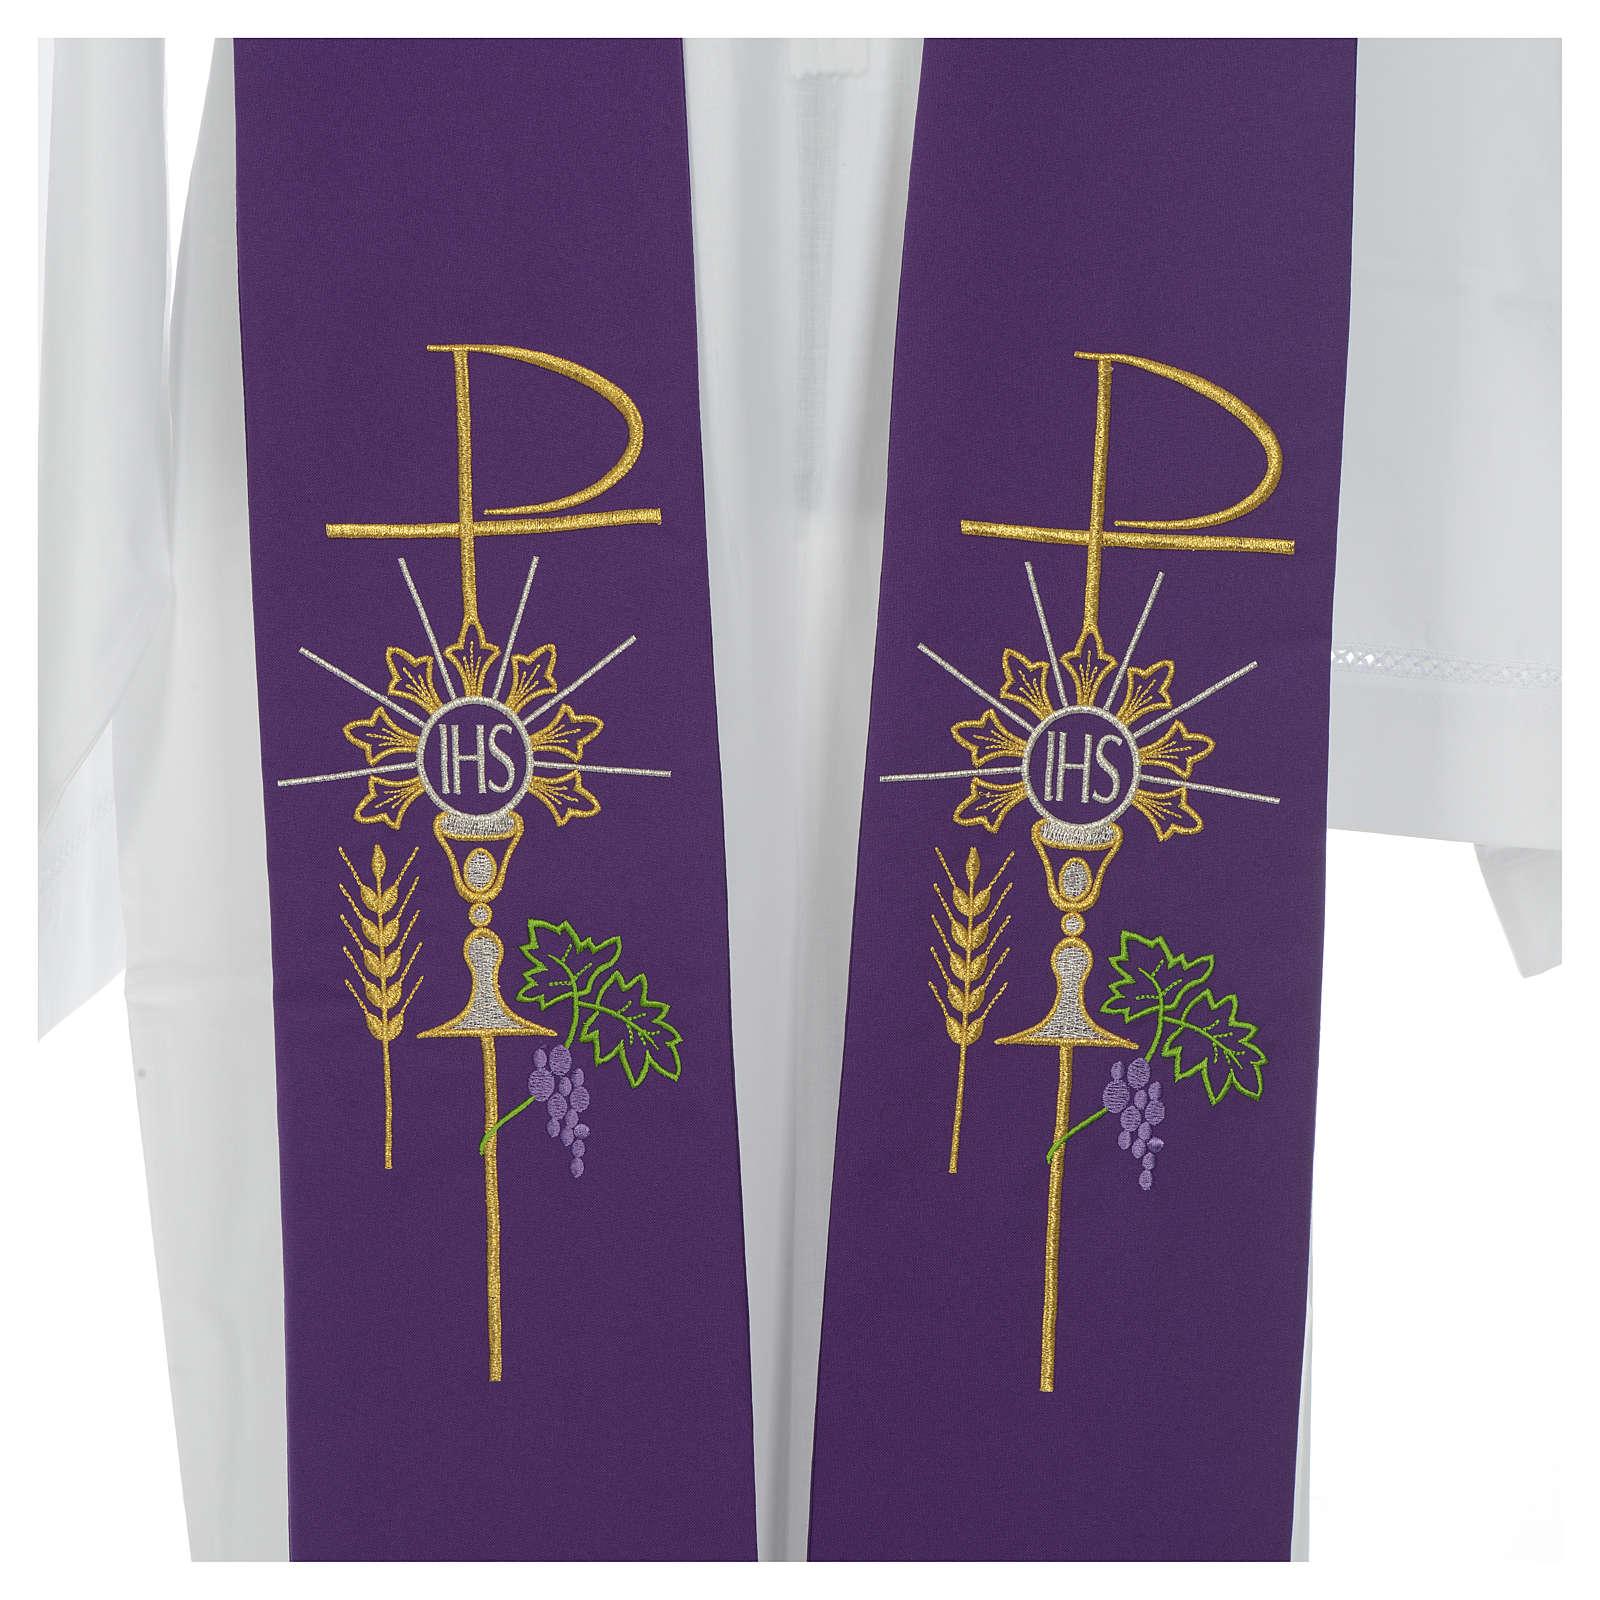 Estolão poliéster cálice Eucaristia uva trigo 4